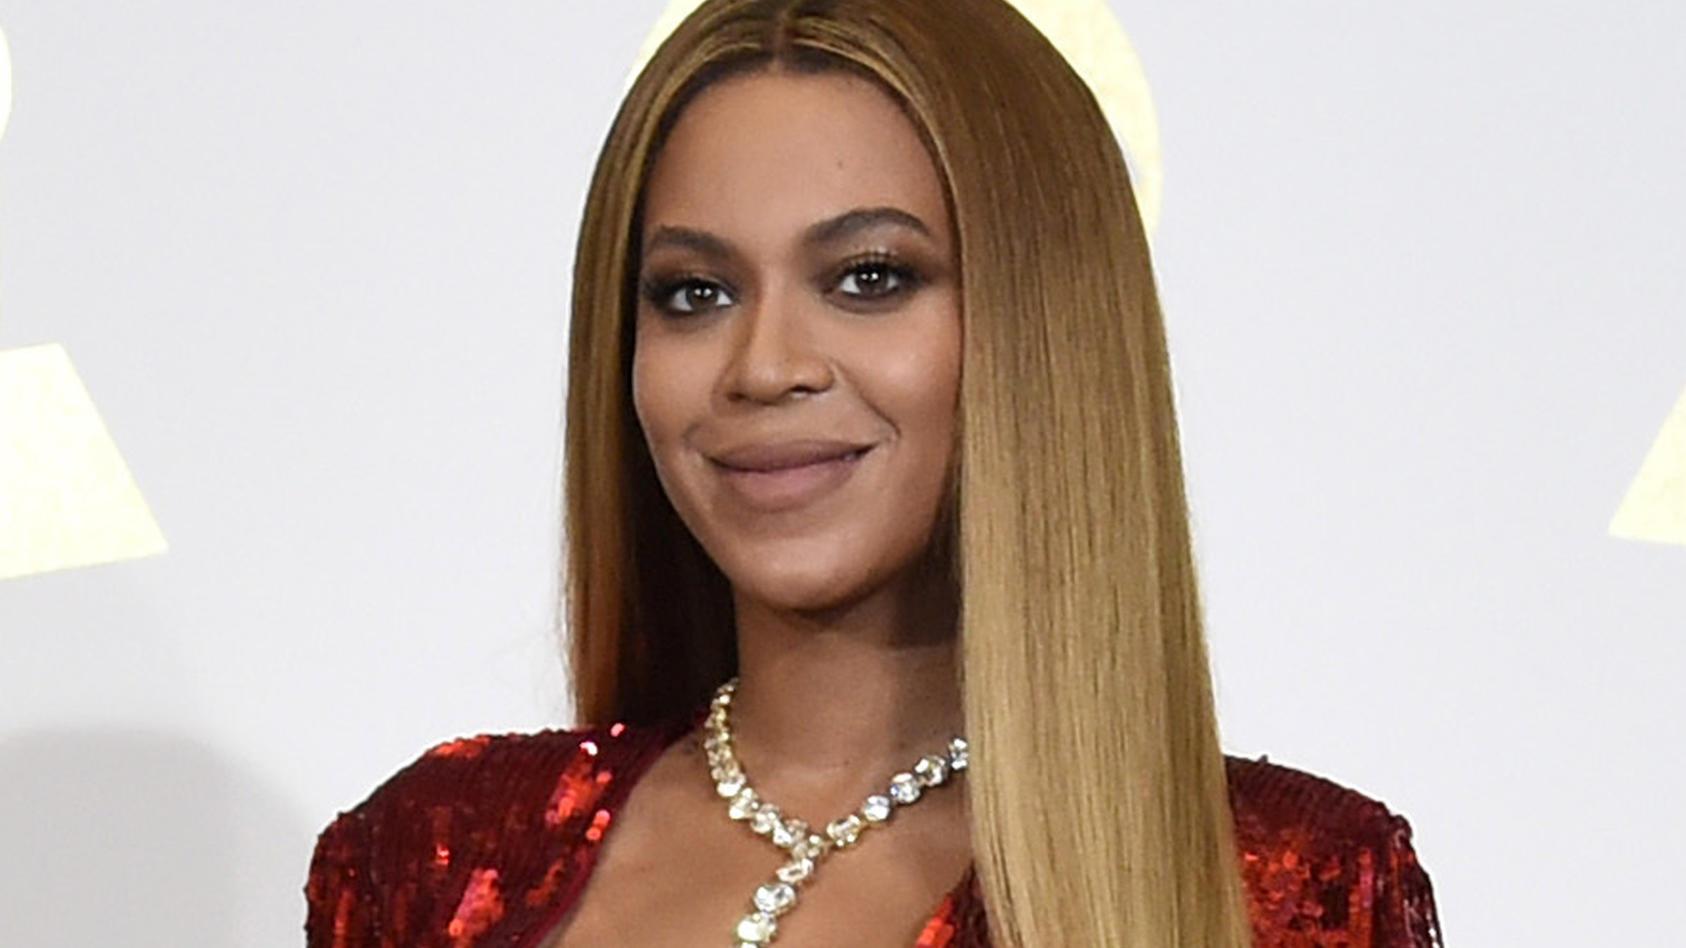 Beyoncé gehört zu den erfolgreichsten Künstlern weltweit. Ihr Vermögen wird auf 440 Millionen US-Dollar geschätzt.